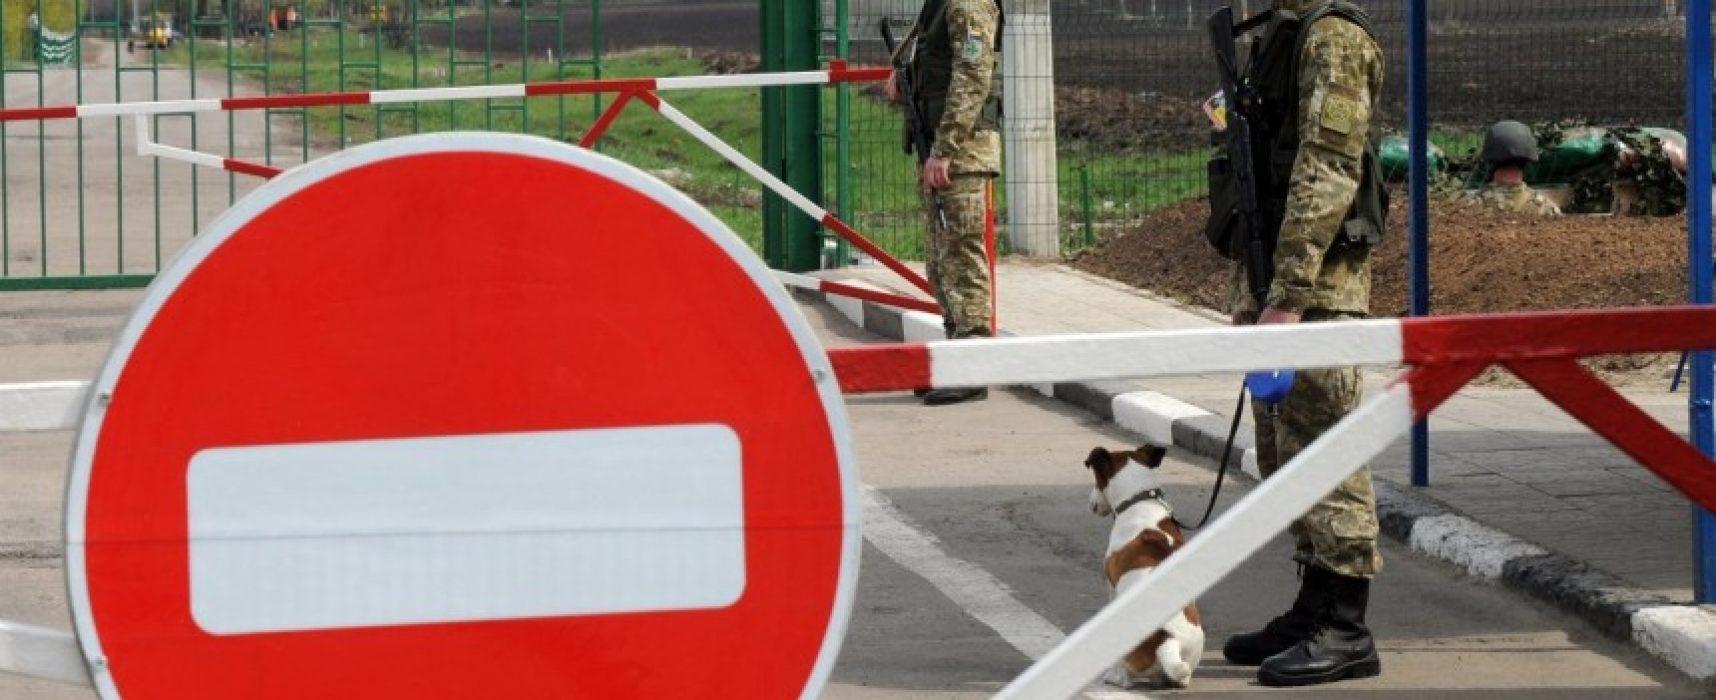 La Crimée: des provocations comme prétexte d'une offensive? (Texte mis à jour régulièrement)